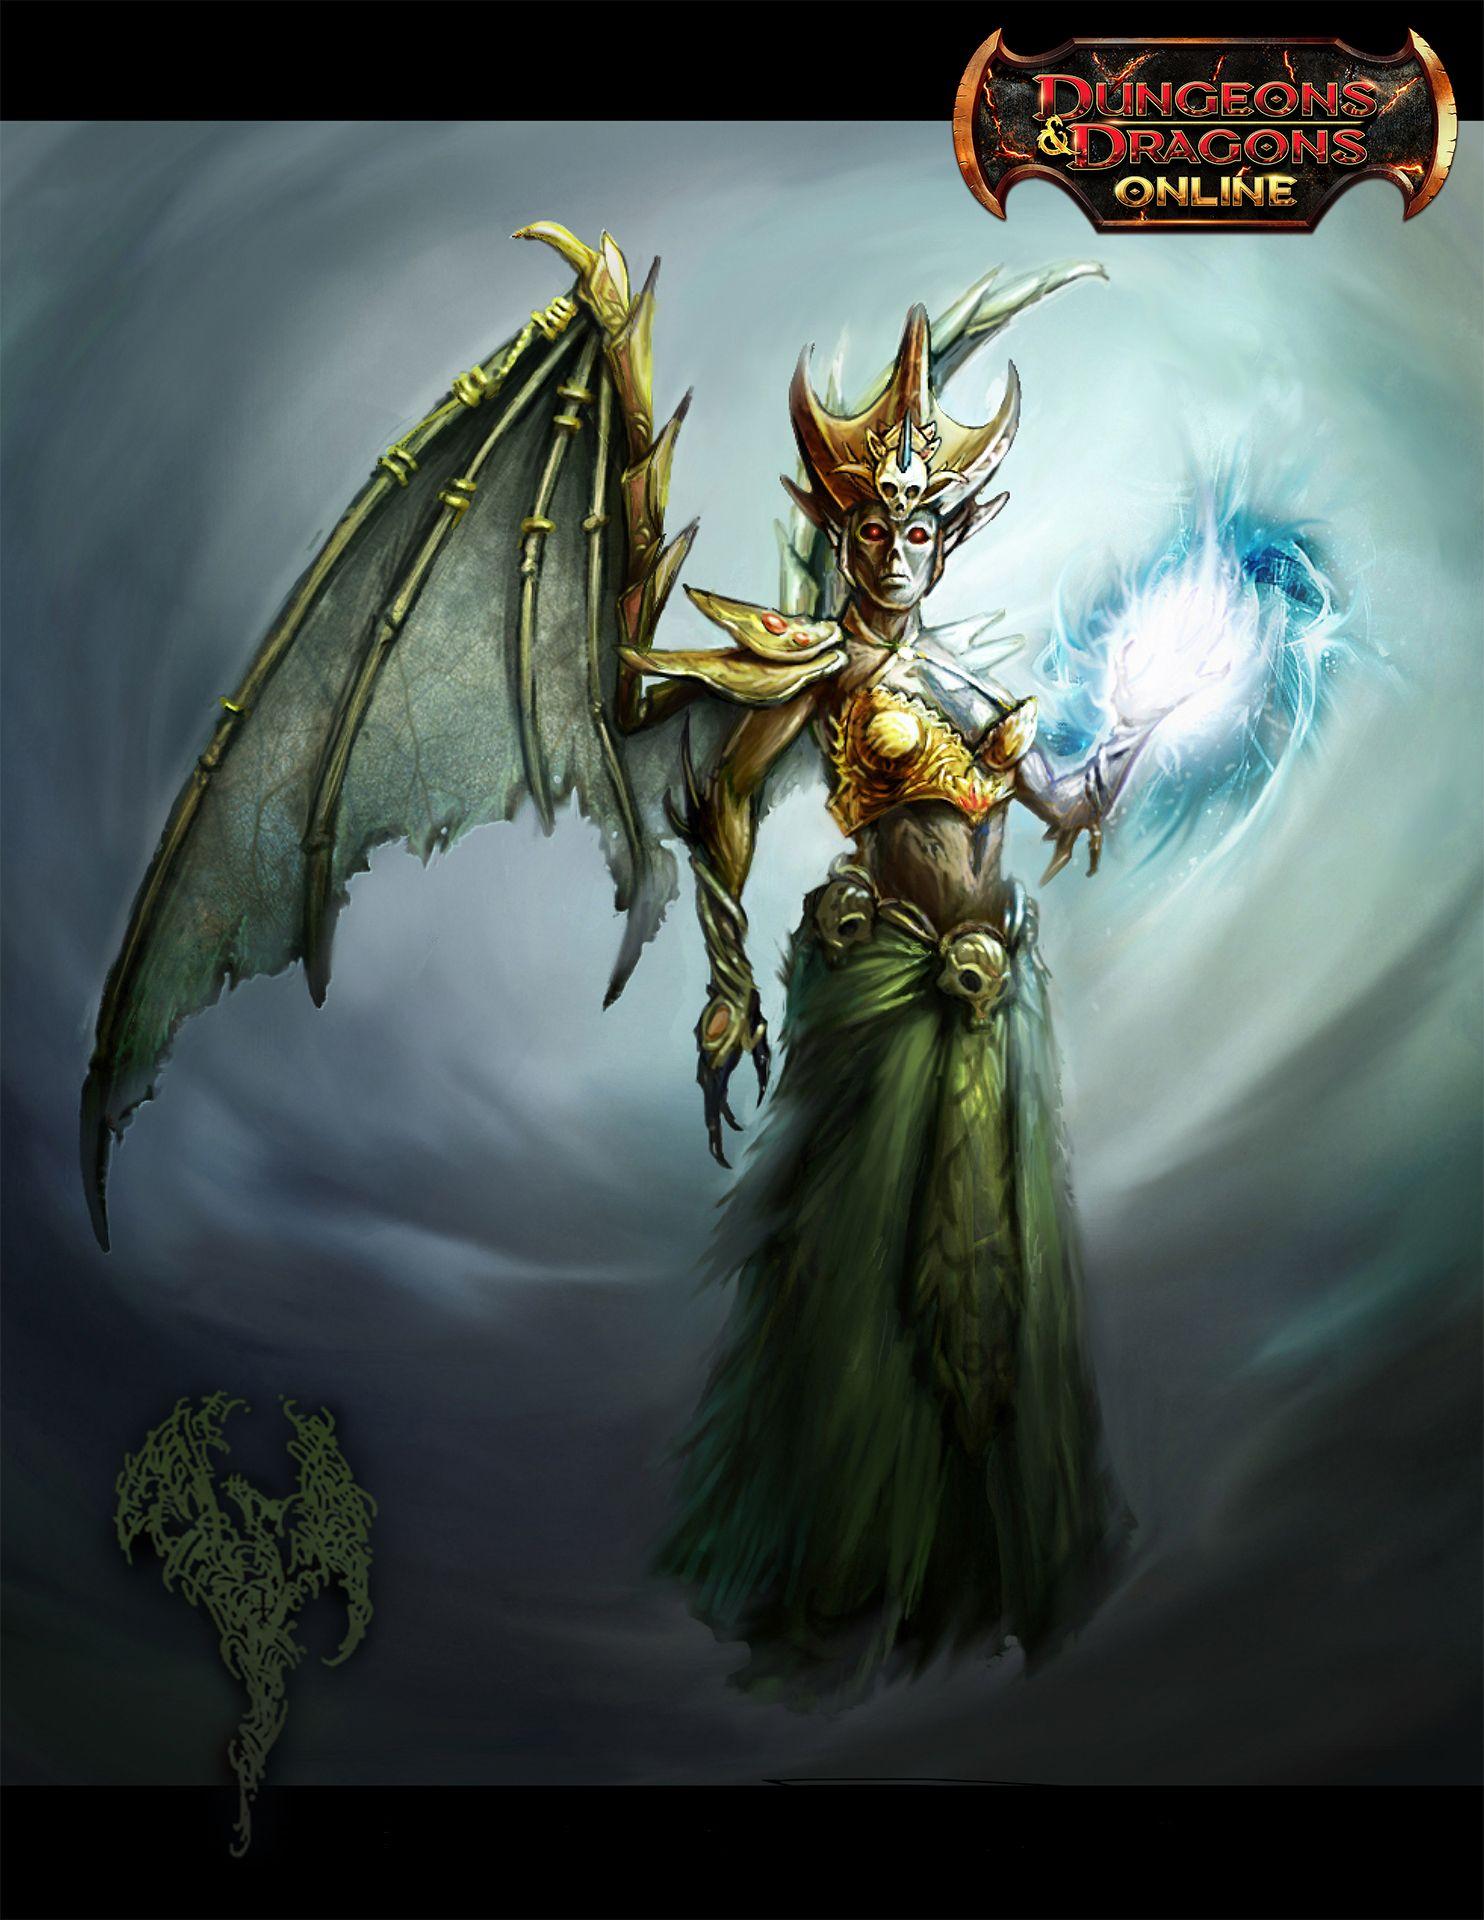 Lady Erandis Vol, The Lich Queen of the Dead Eberron